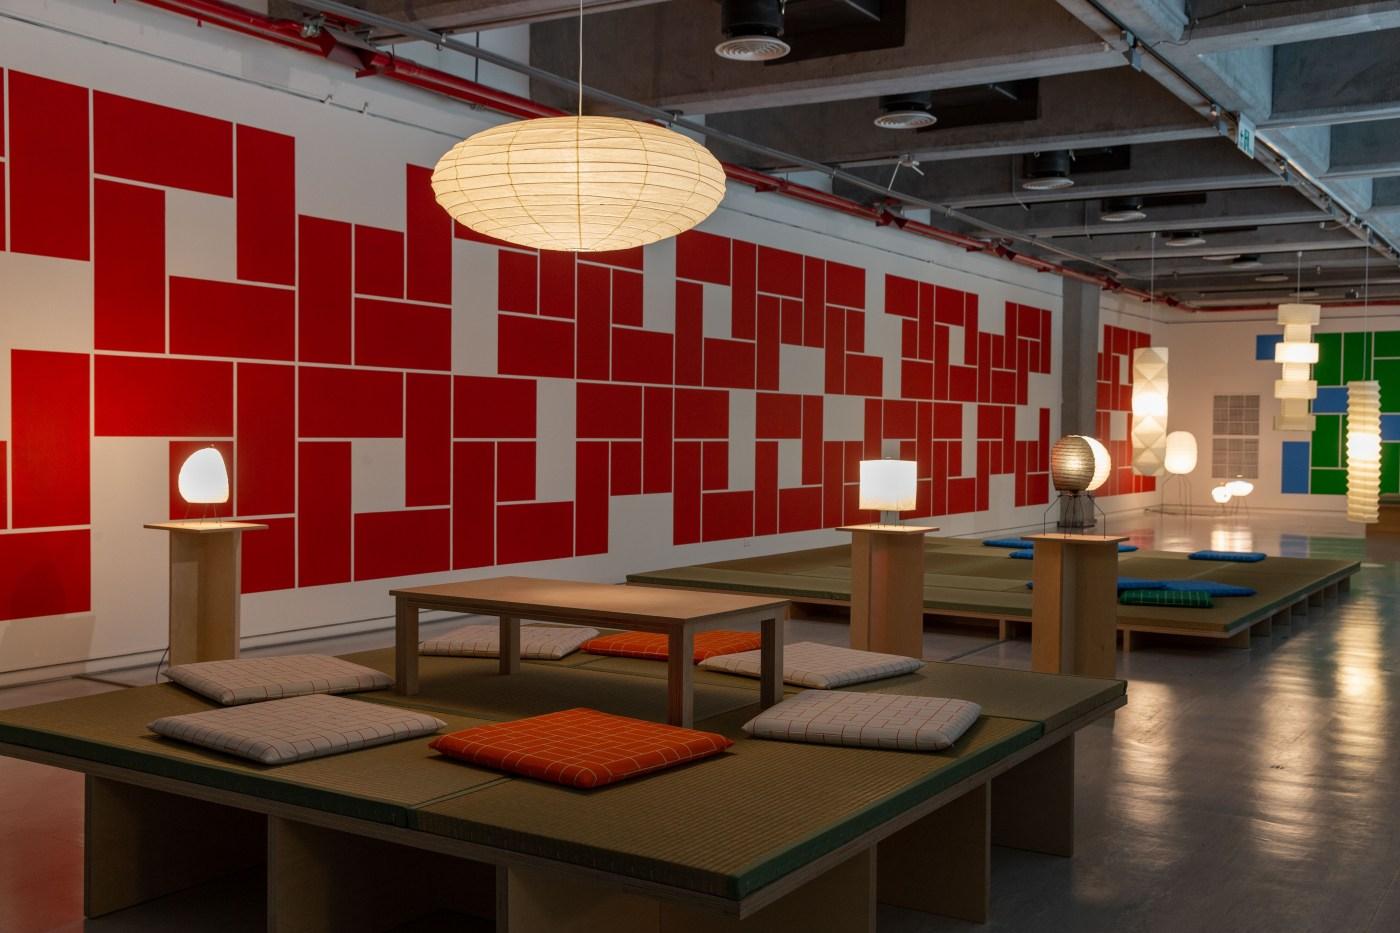 林明弘「24/7」計畫主題光牆,臺北市立美術館提供。